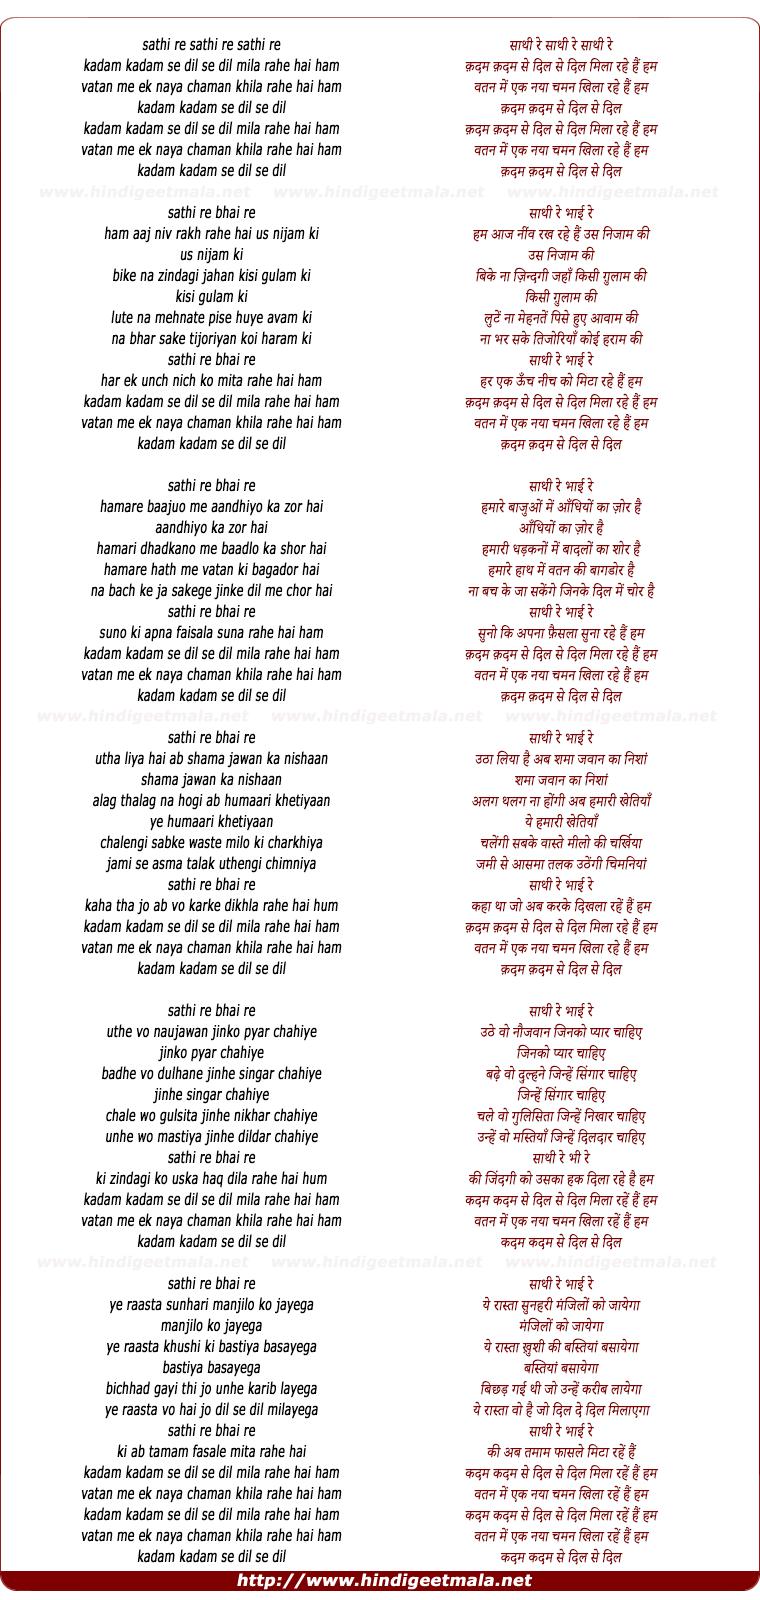 lyrics of song Saathi Re, Qadam Qadam Se Dil Se Dil Mila Rahe Hai Ham